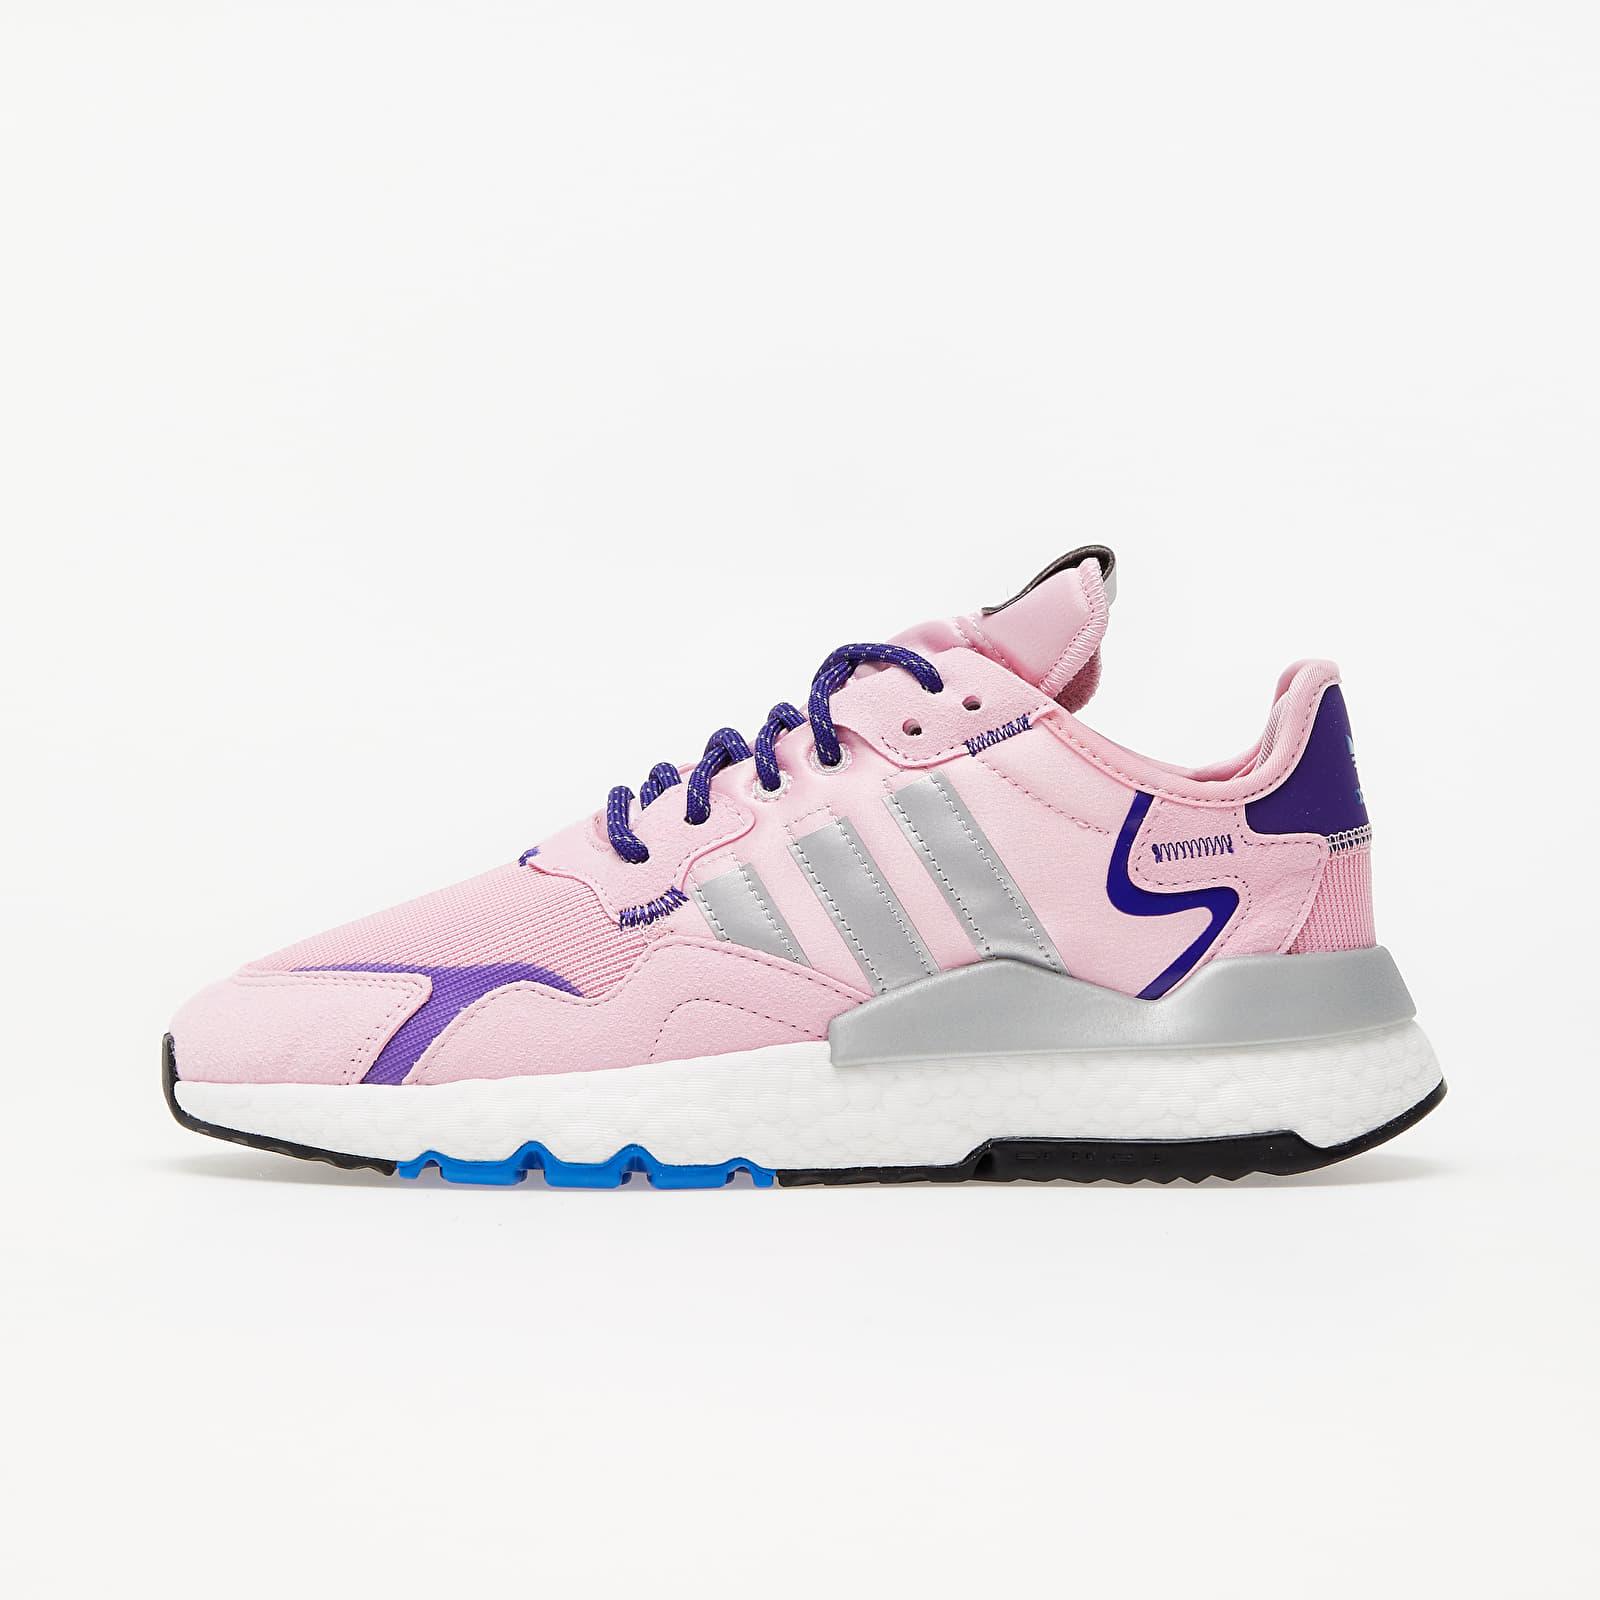 adidas Nite Jogger W True Pink/ Silver Met./ Collegiate Purple EUR 40